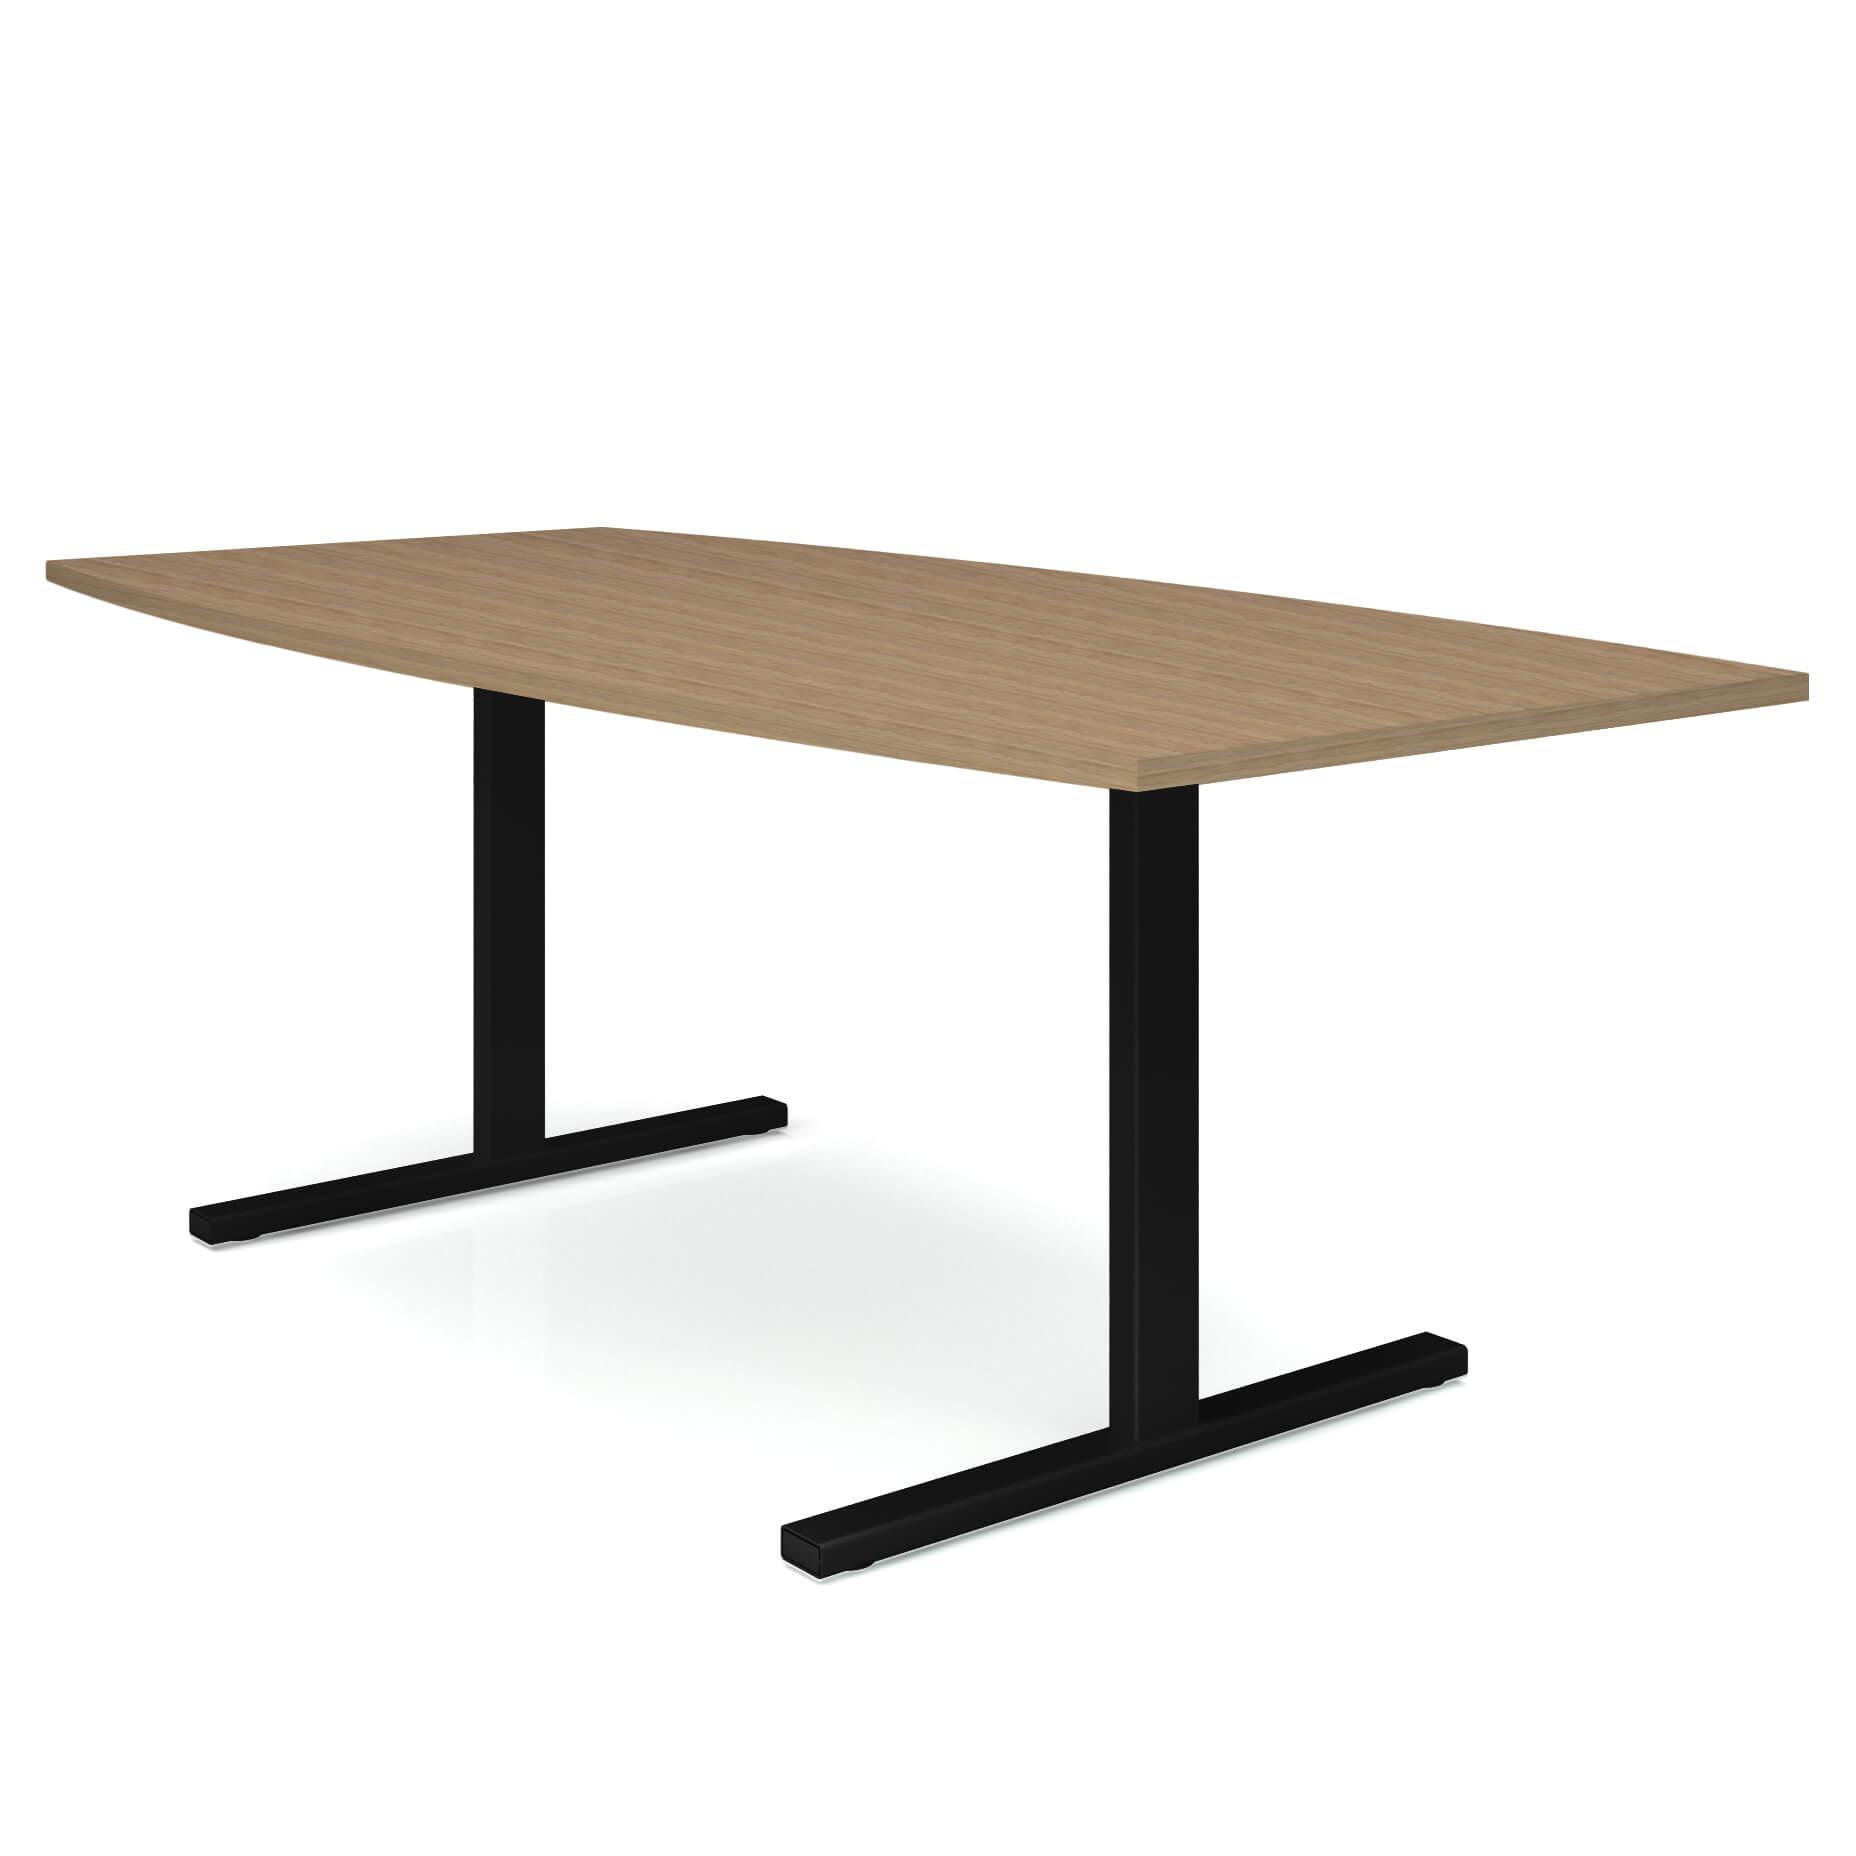 EASY Konferenztisch Bootsform 180x100 cm Bernstein-Eiche Besprechungstisch Tisch